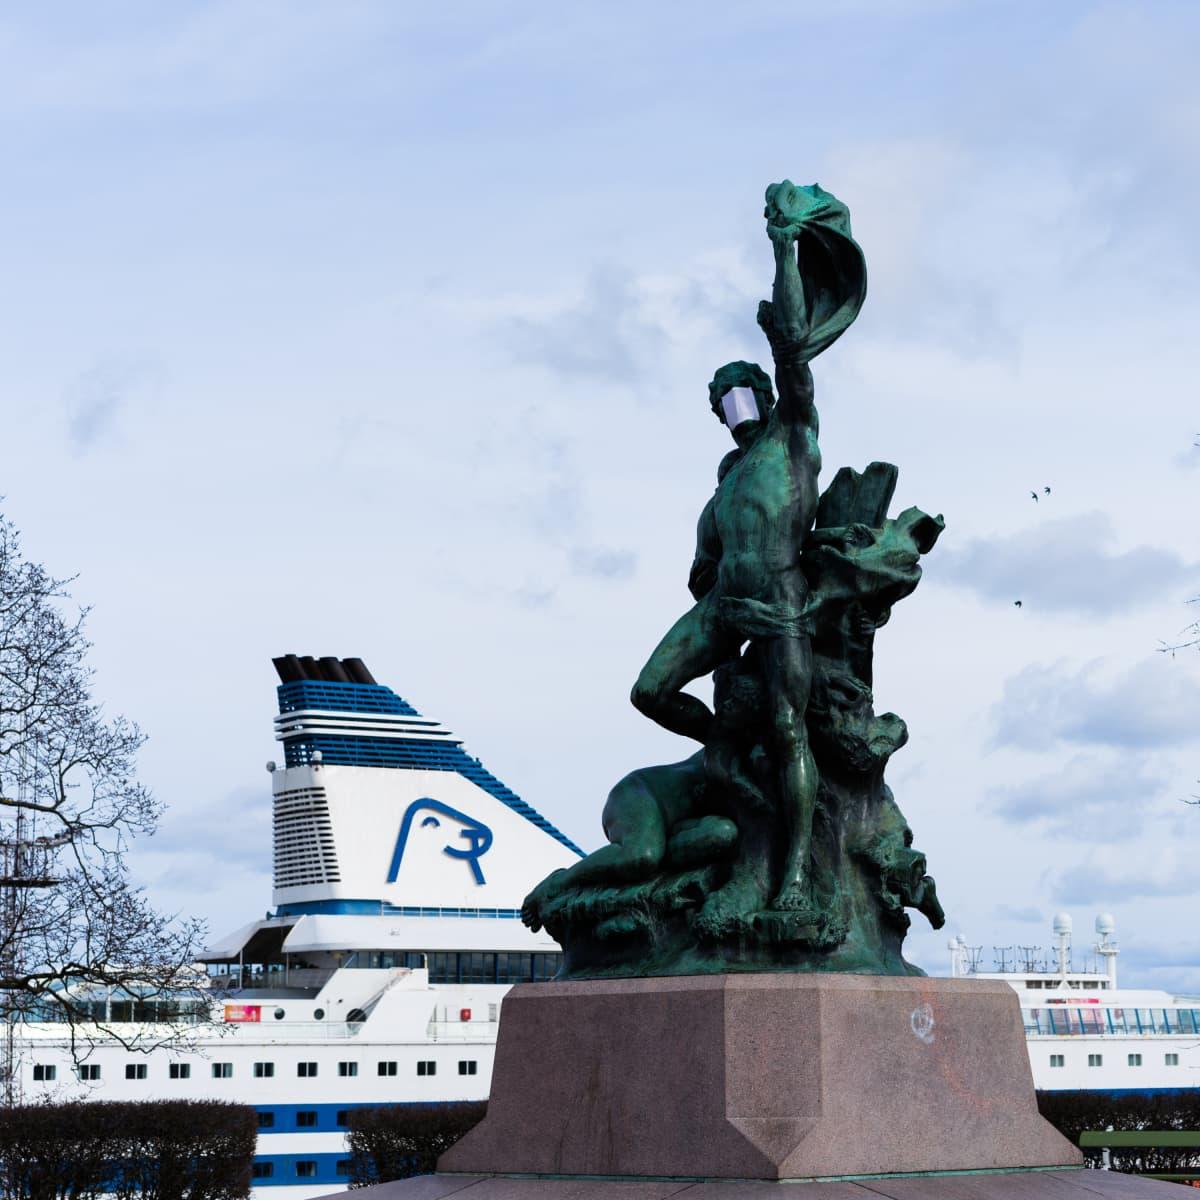 Haaksirikkoiset on pronssiveistos Helsingin Tähtitorninmäellä, Ullanlinnan kaupunginosassa. Vuonna 1898 paljastetun teoksen suunnitteli kuvanveistäjä Robert Stigell. 31.3.2020 se oli saanut koronavirusajan hengessä hengityssuojan.